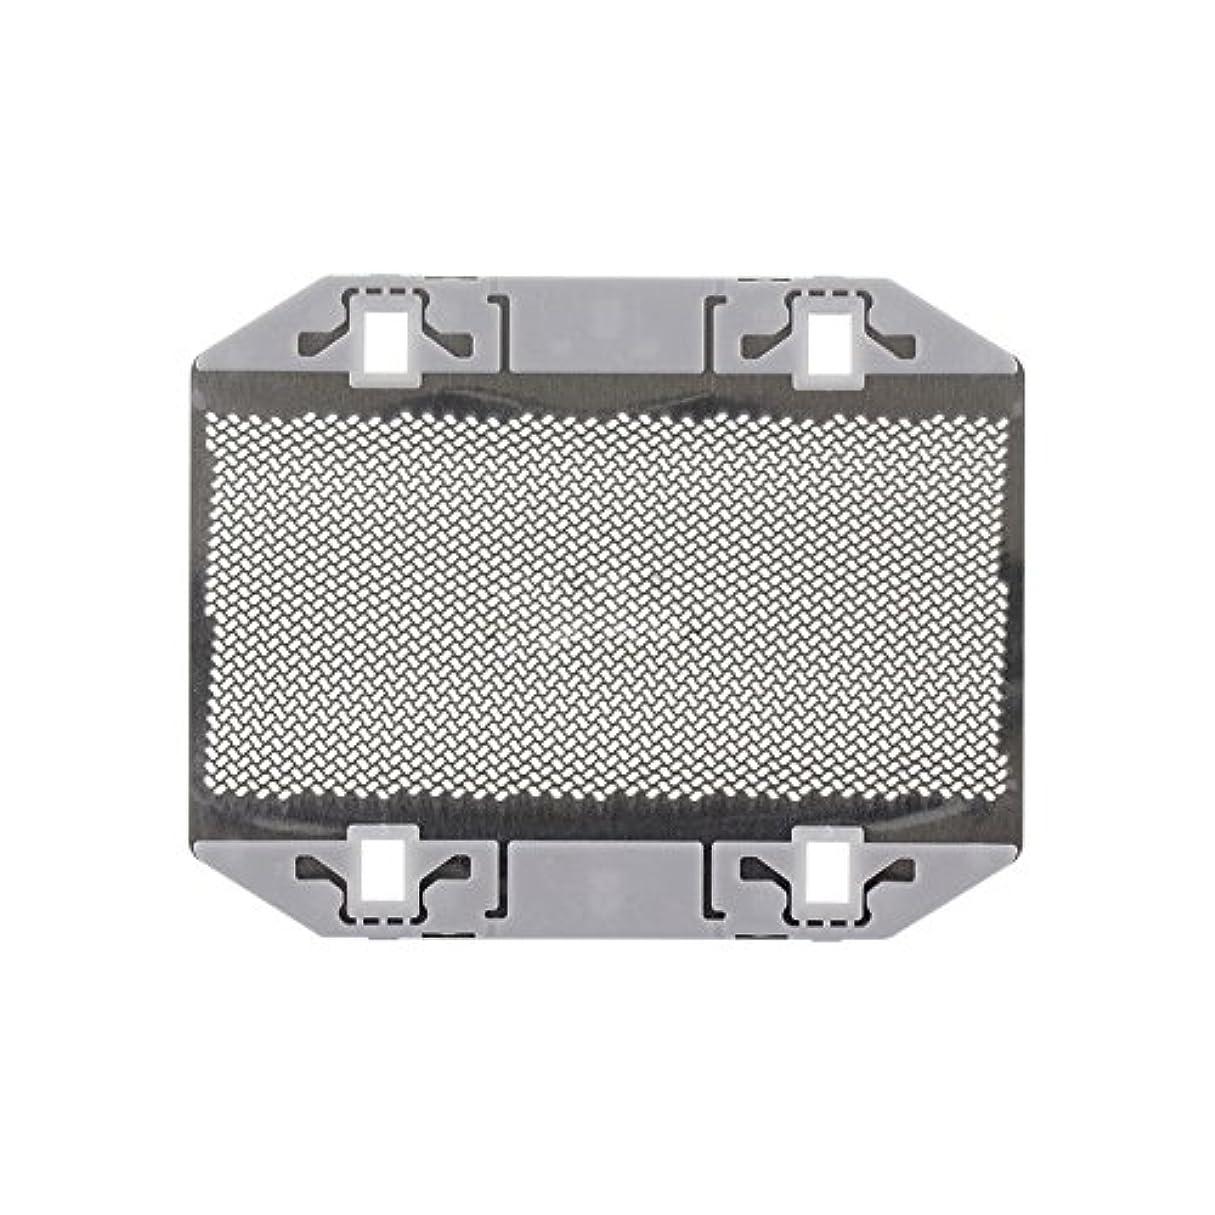 世辞粗いラベルJanjunsi 回転式シェーバー シェーバーパーツ シェーバー 交換用 替刃 外刃 耐用 for Panasonic ES9943 ES3042 ES3801 ES3750 ES365 ES366